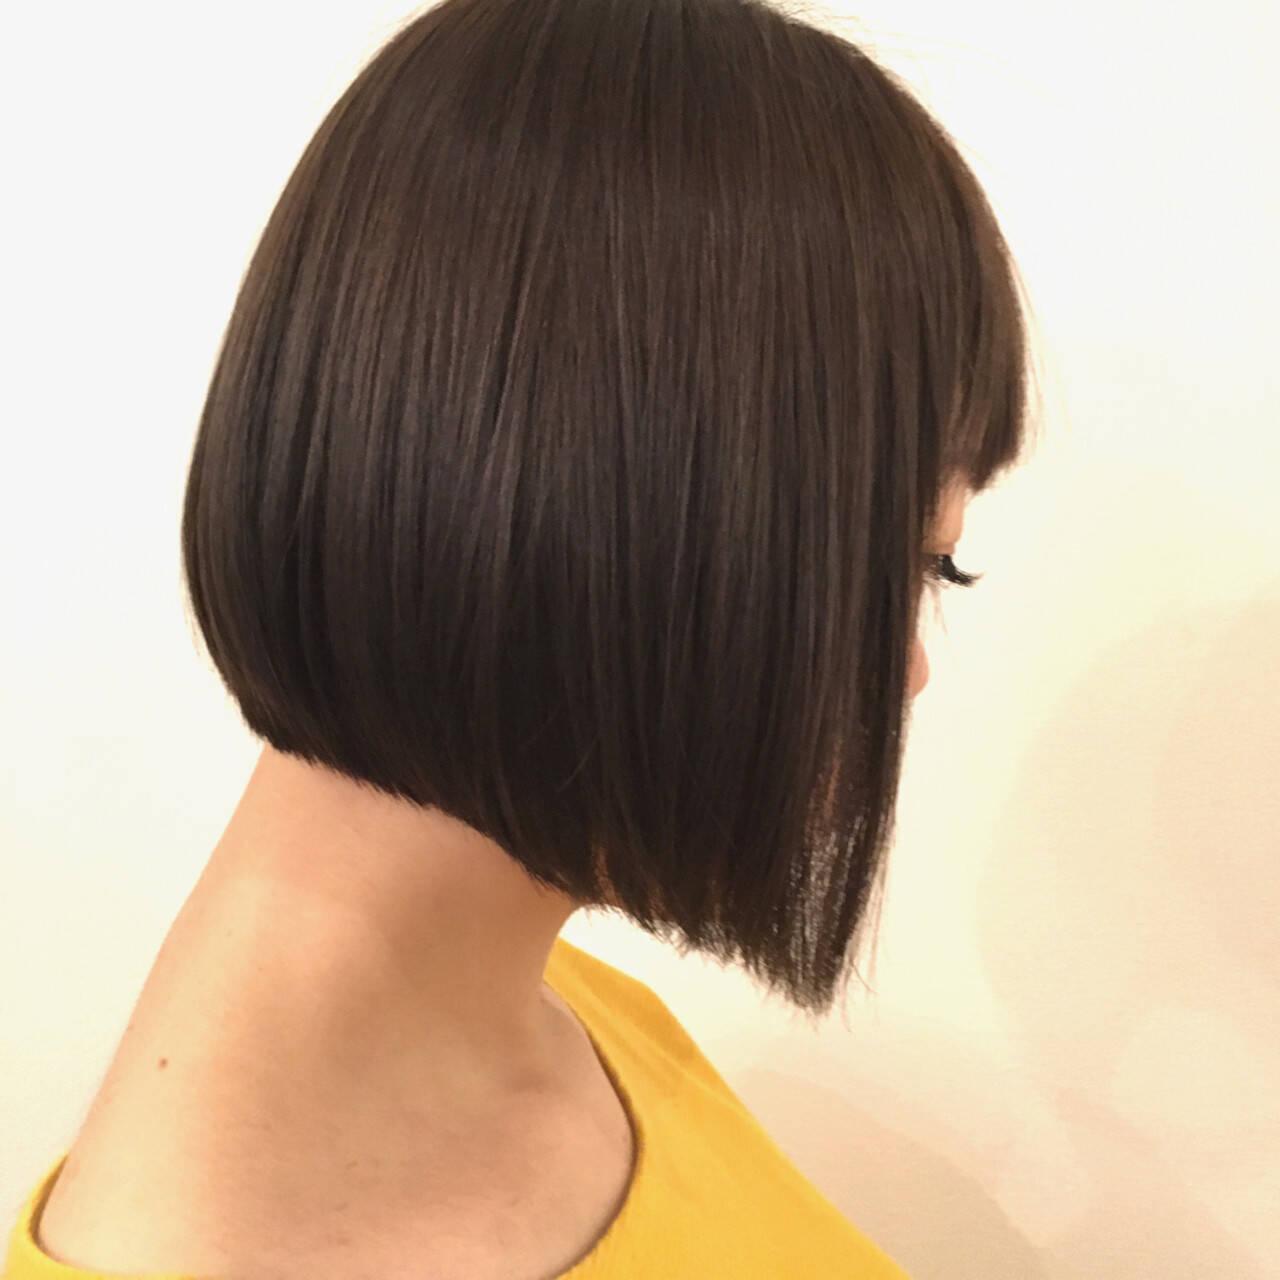 ストレート ナチュラル 透明感 秋ヘアスタイルや髪型の写真・画像